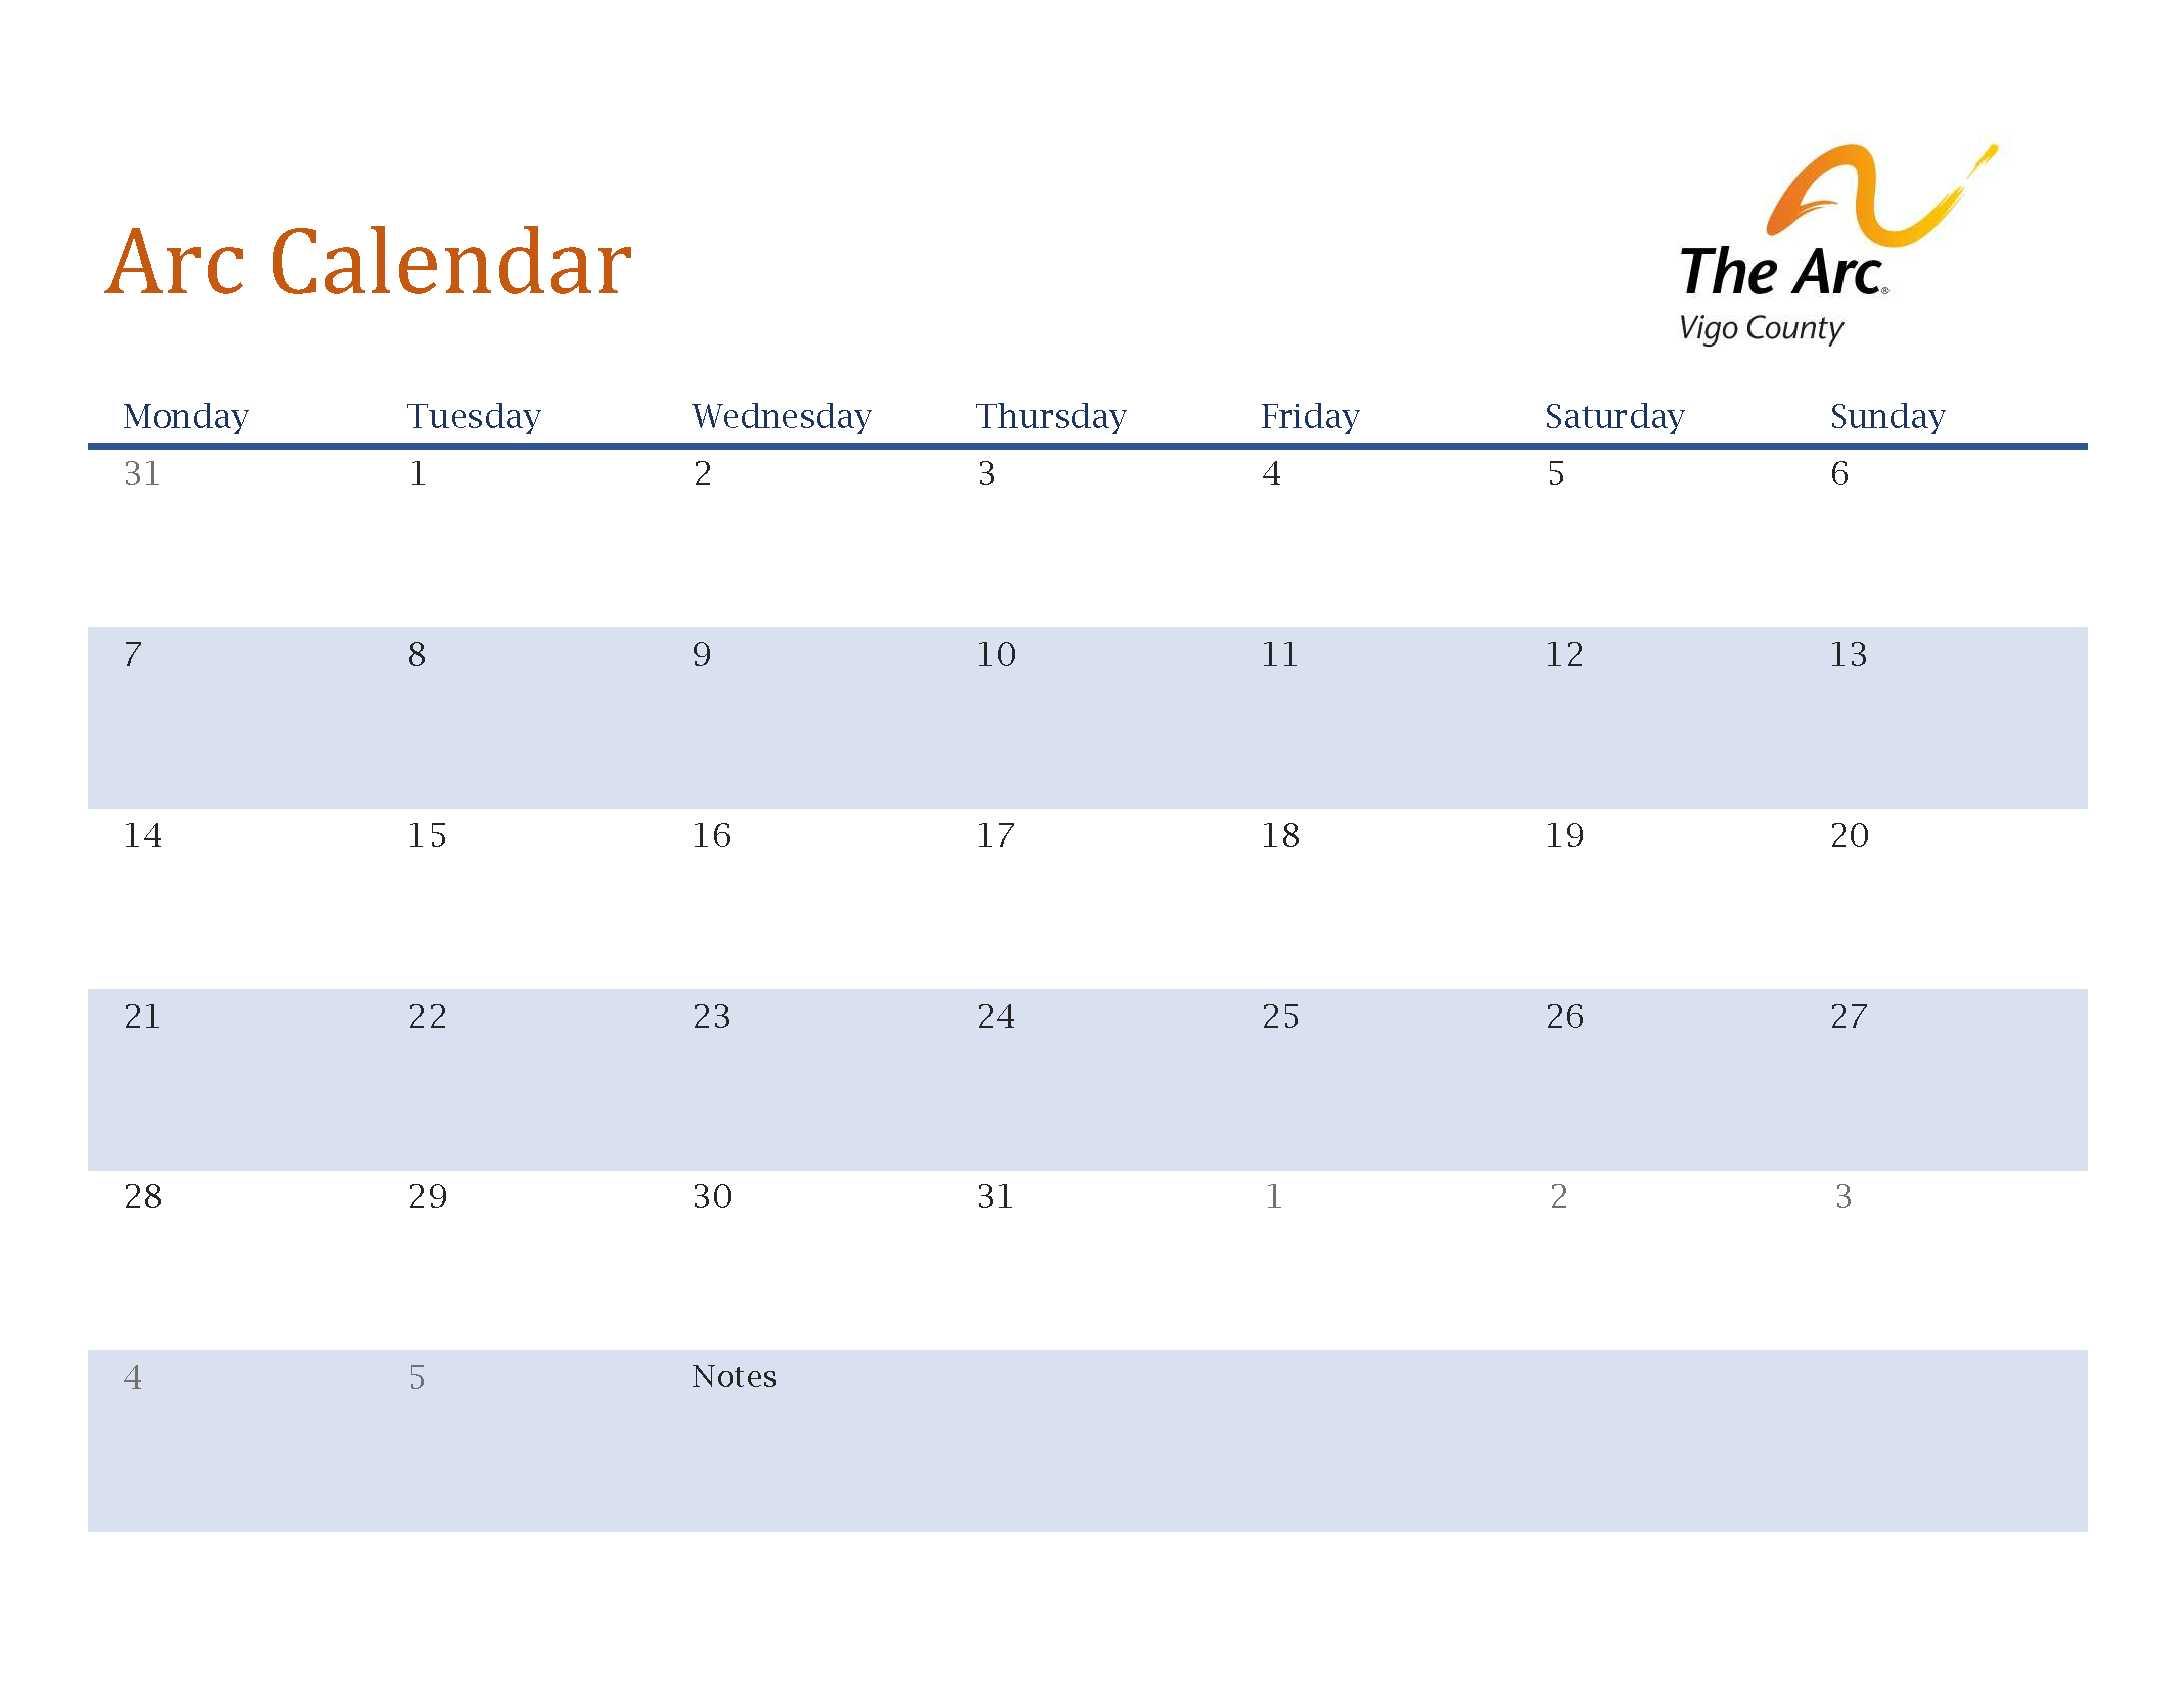 Vigo County School Calendar.Welcome To The Arc Of Vigo County Providing Advocacy For Families